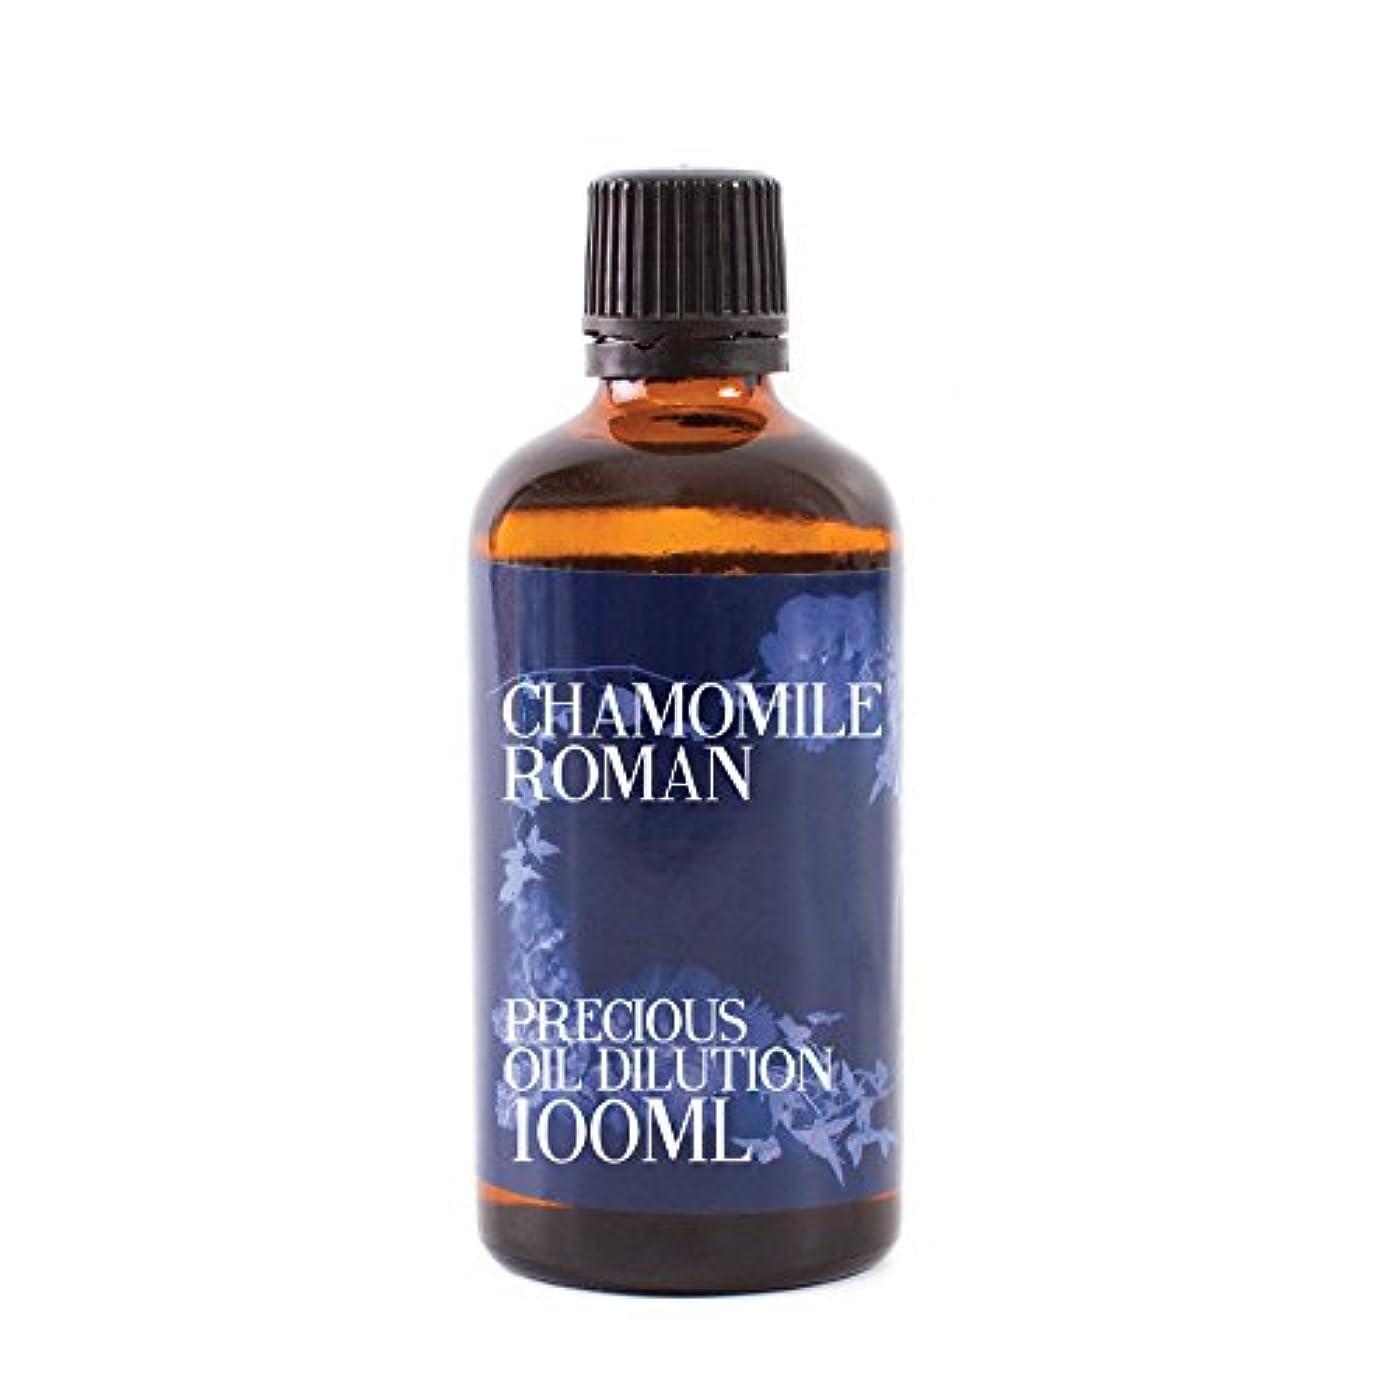 壊すバン冒険Mystic Moments | Chamomile Roman Essential Oil Dilution - 100ml - 3% Jojoba Blend